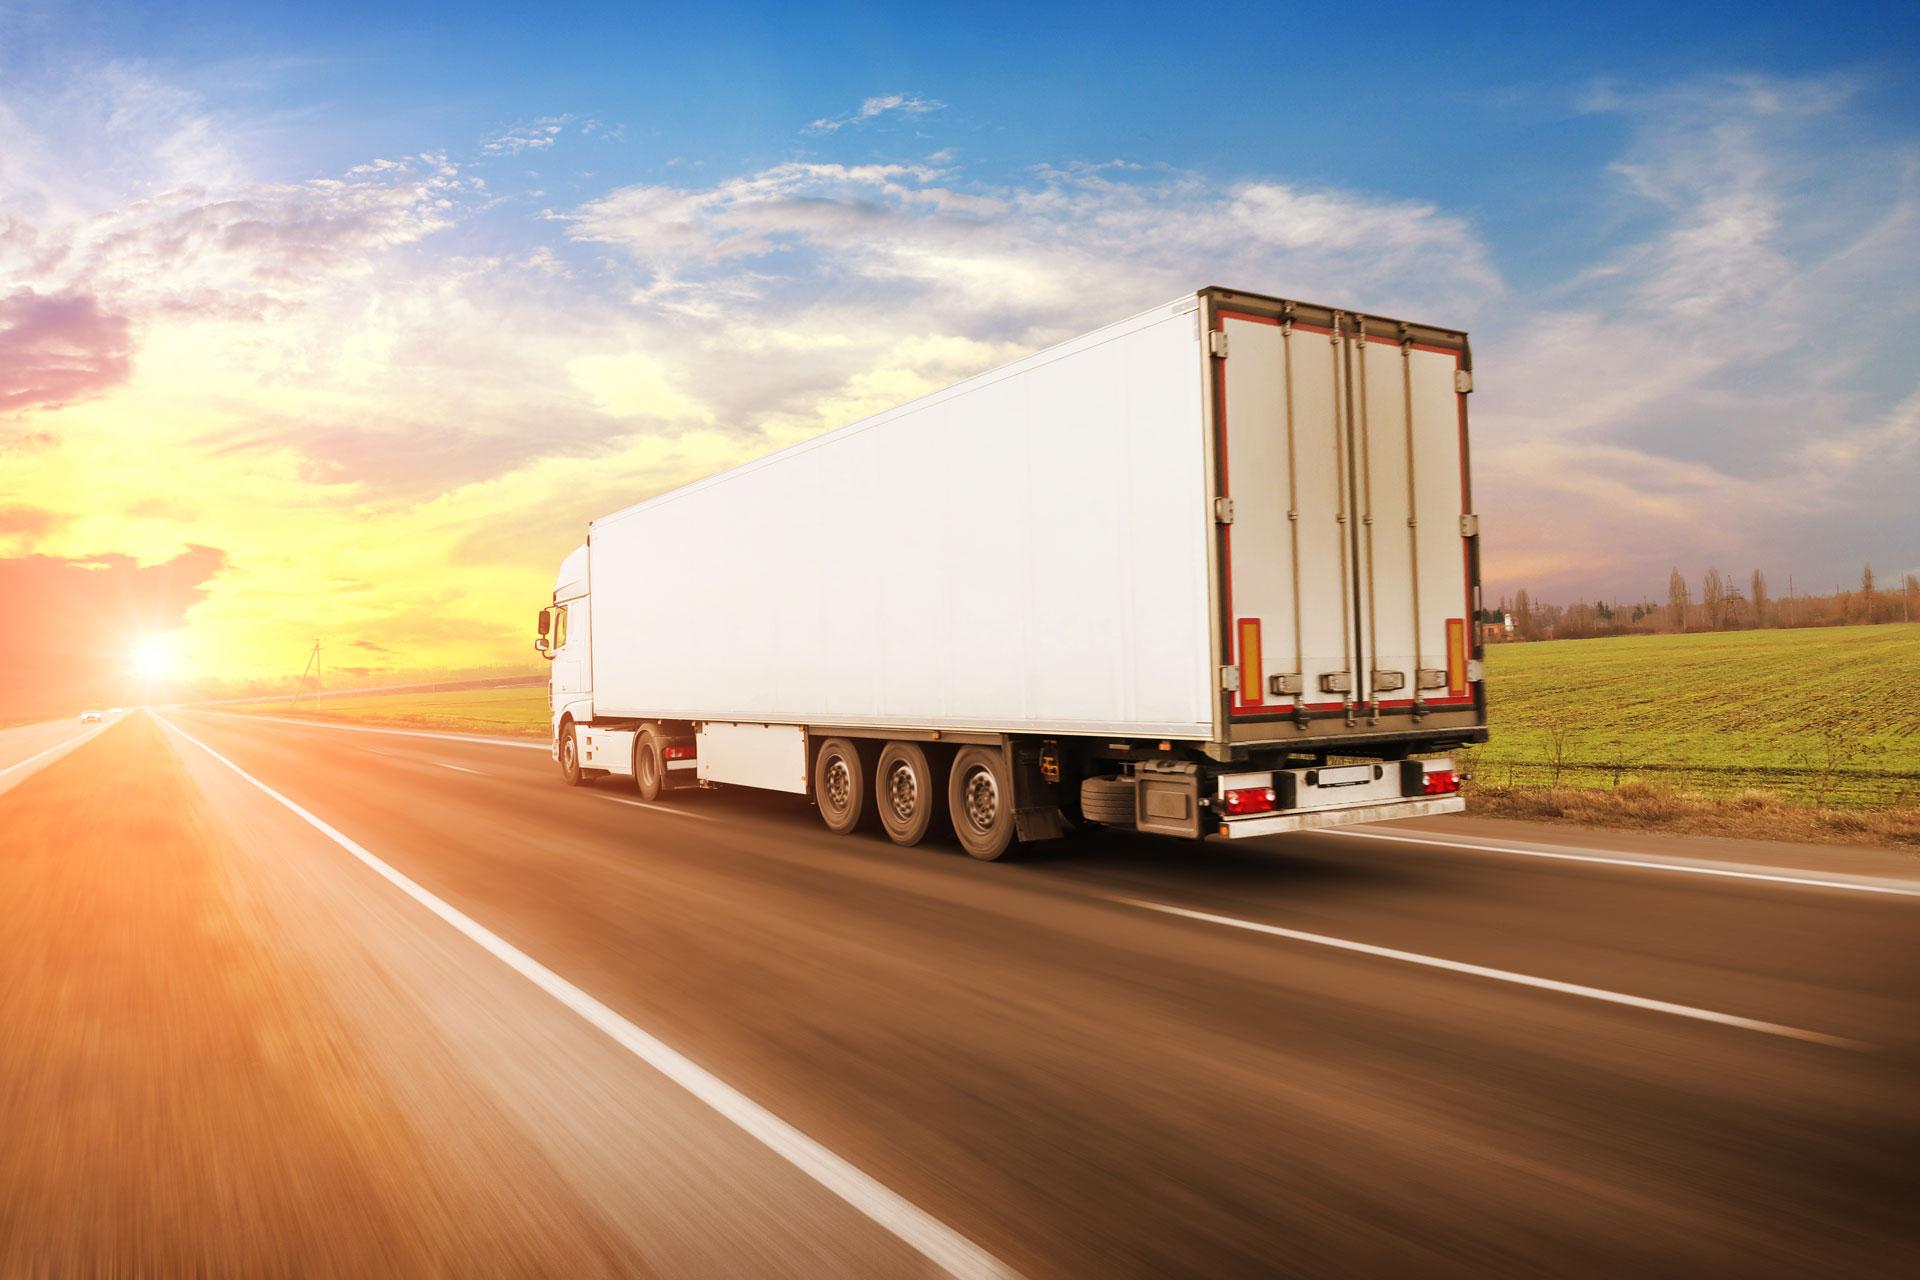 bedrijfswagengroep, bedrijfswagen, trailer, oplegger, service, onderhoud, reparatie,